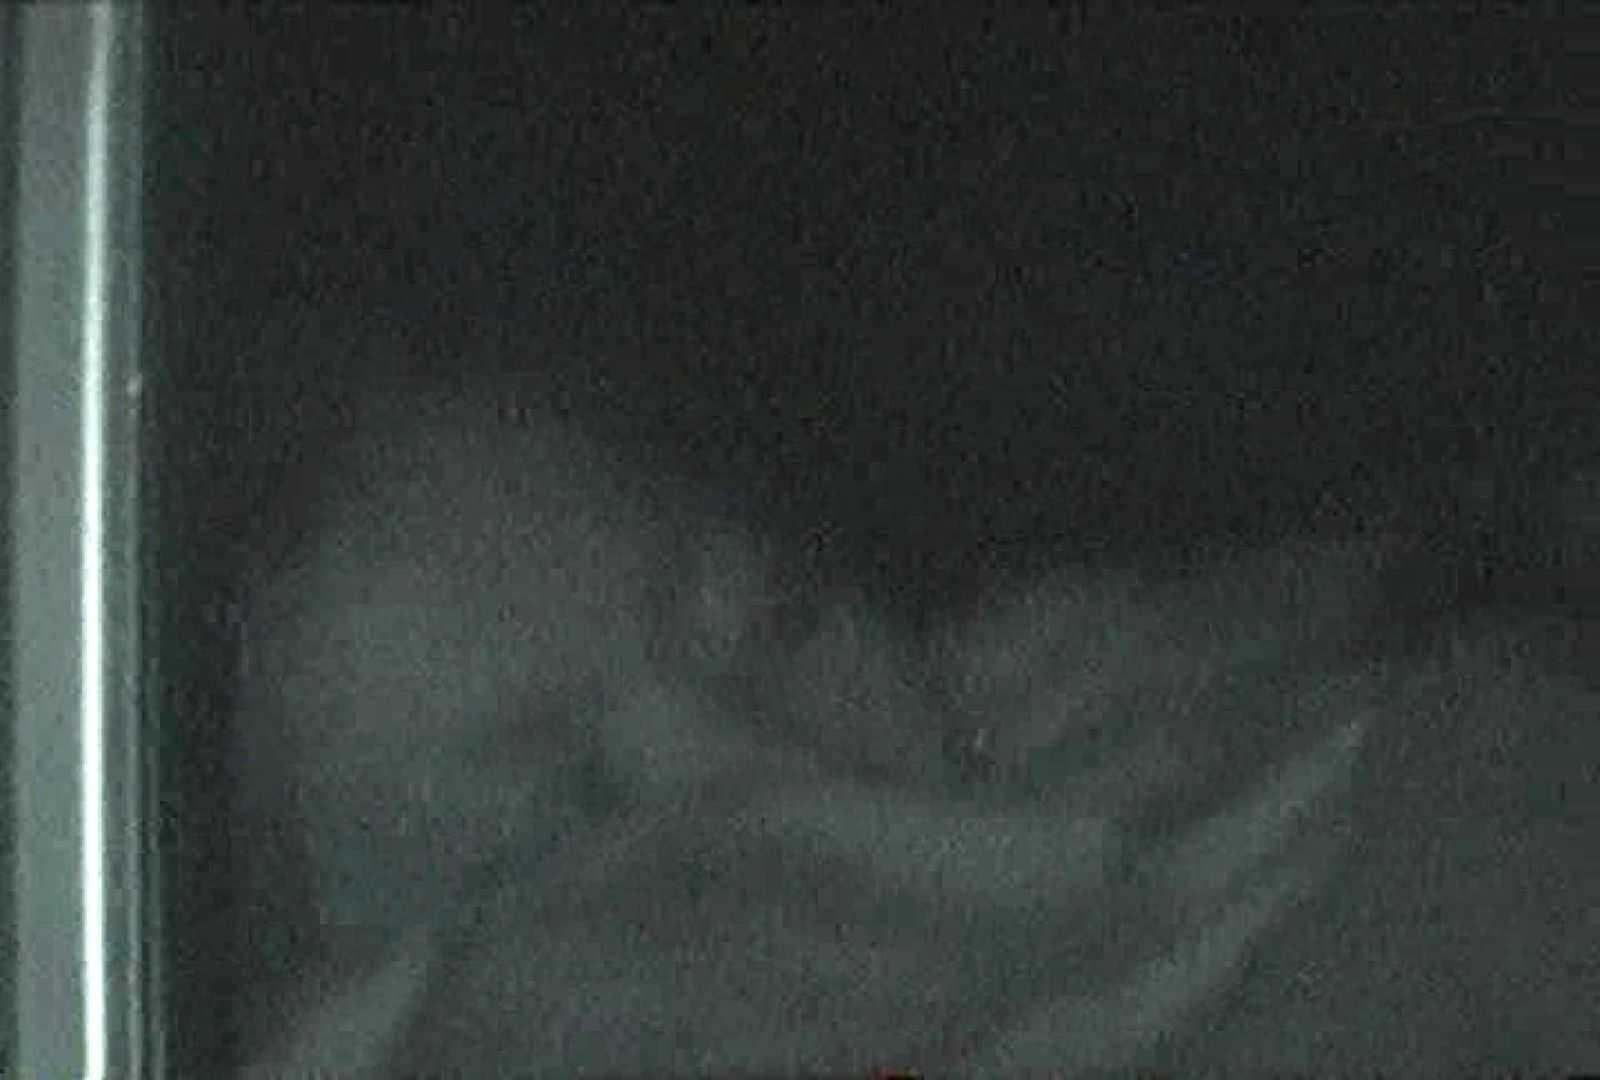 充血監督の深夜の運動会Vol.100 カップル盗撮  107画像 68